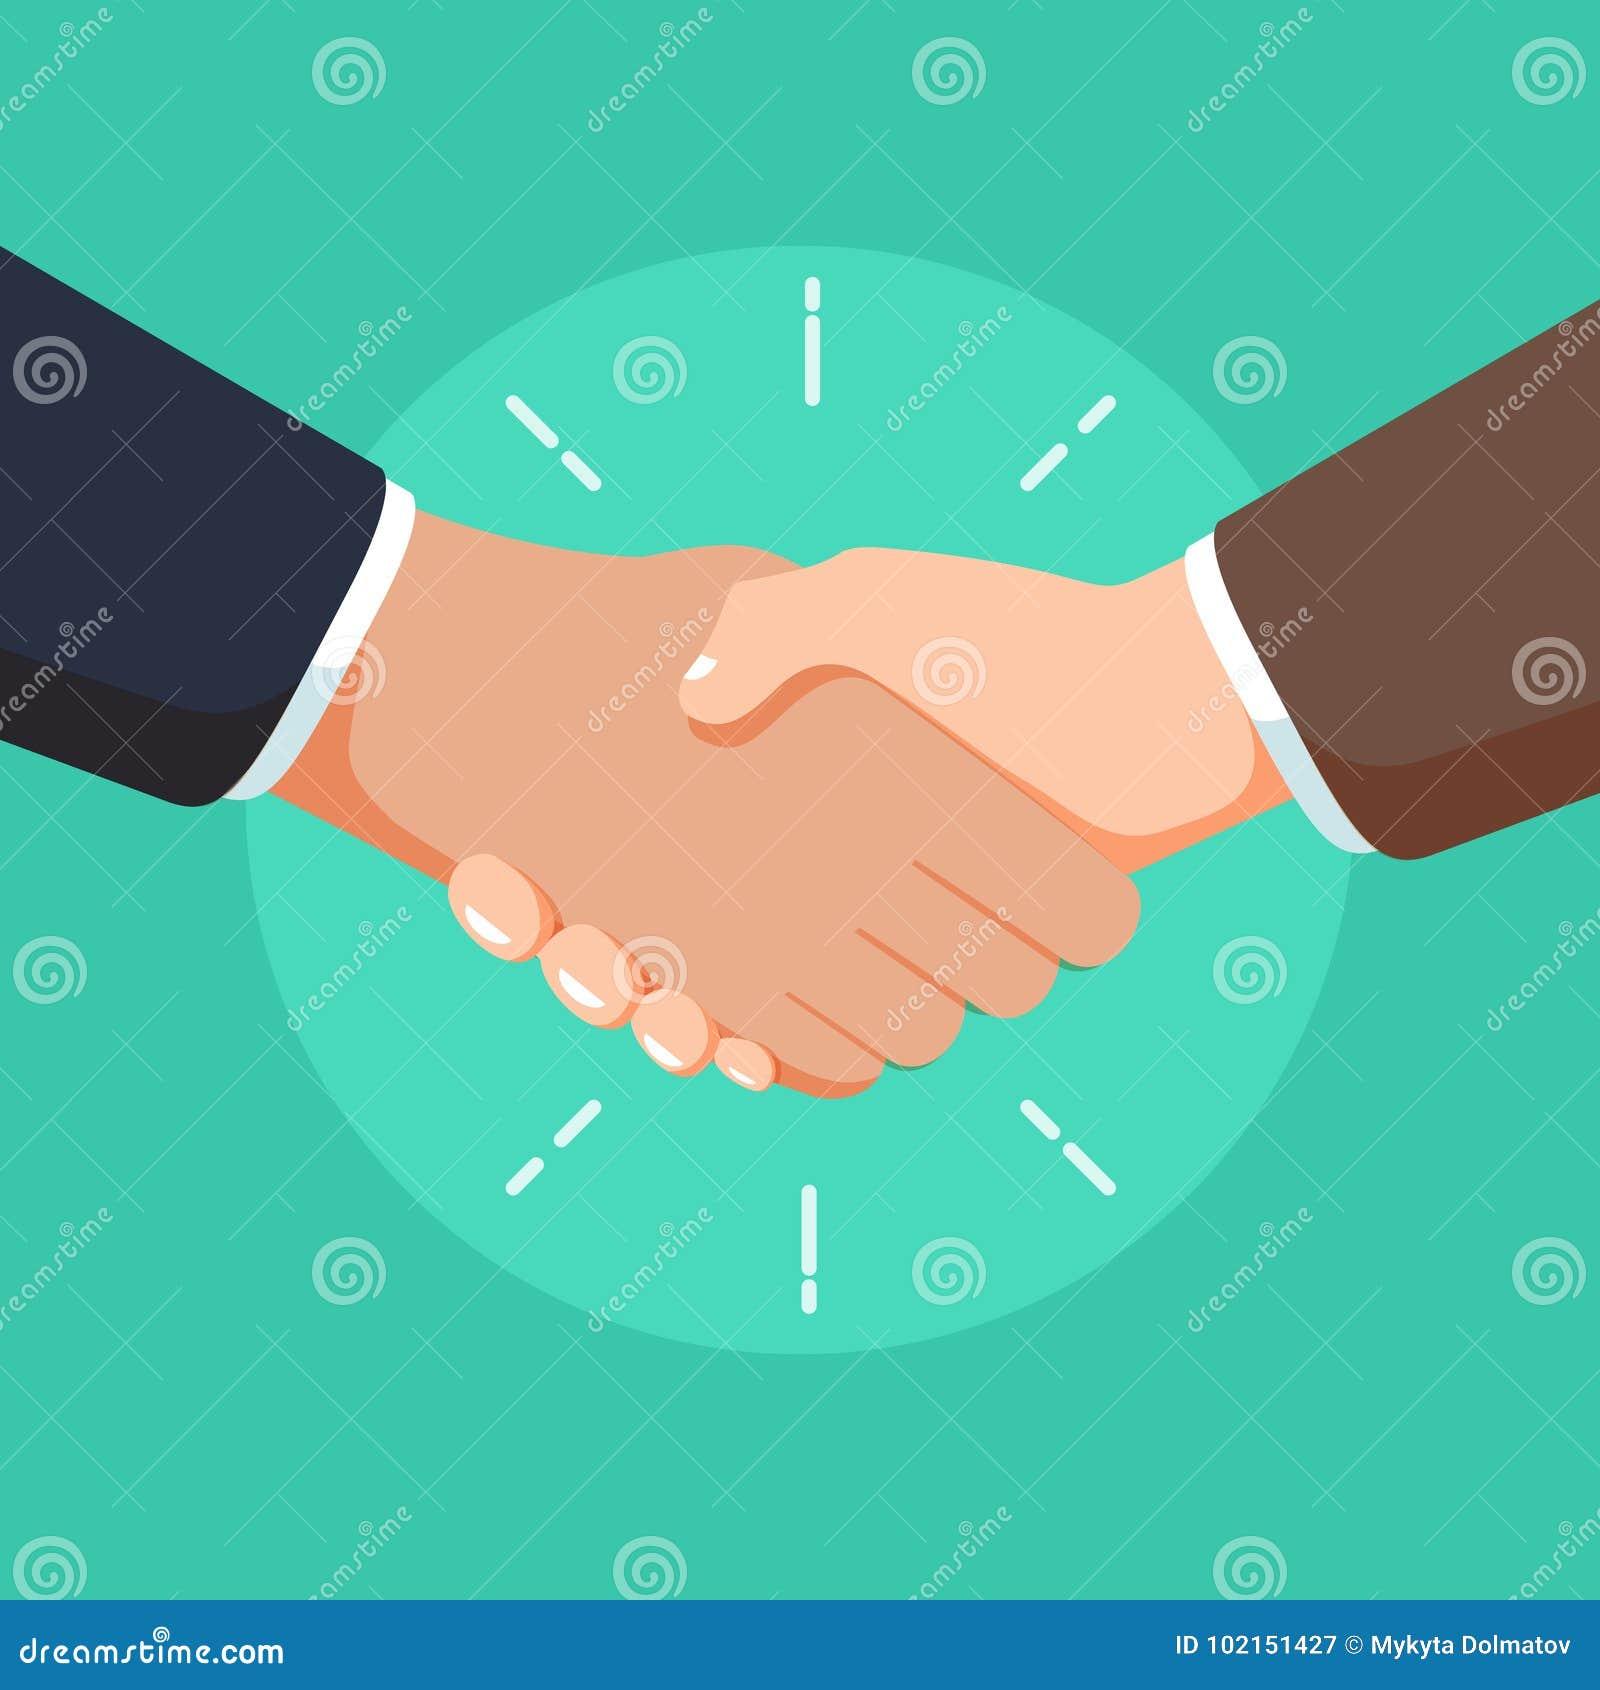 business partnership handshake illustration deal sign or